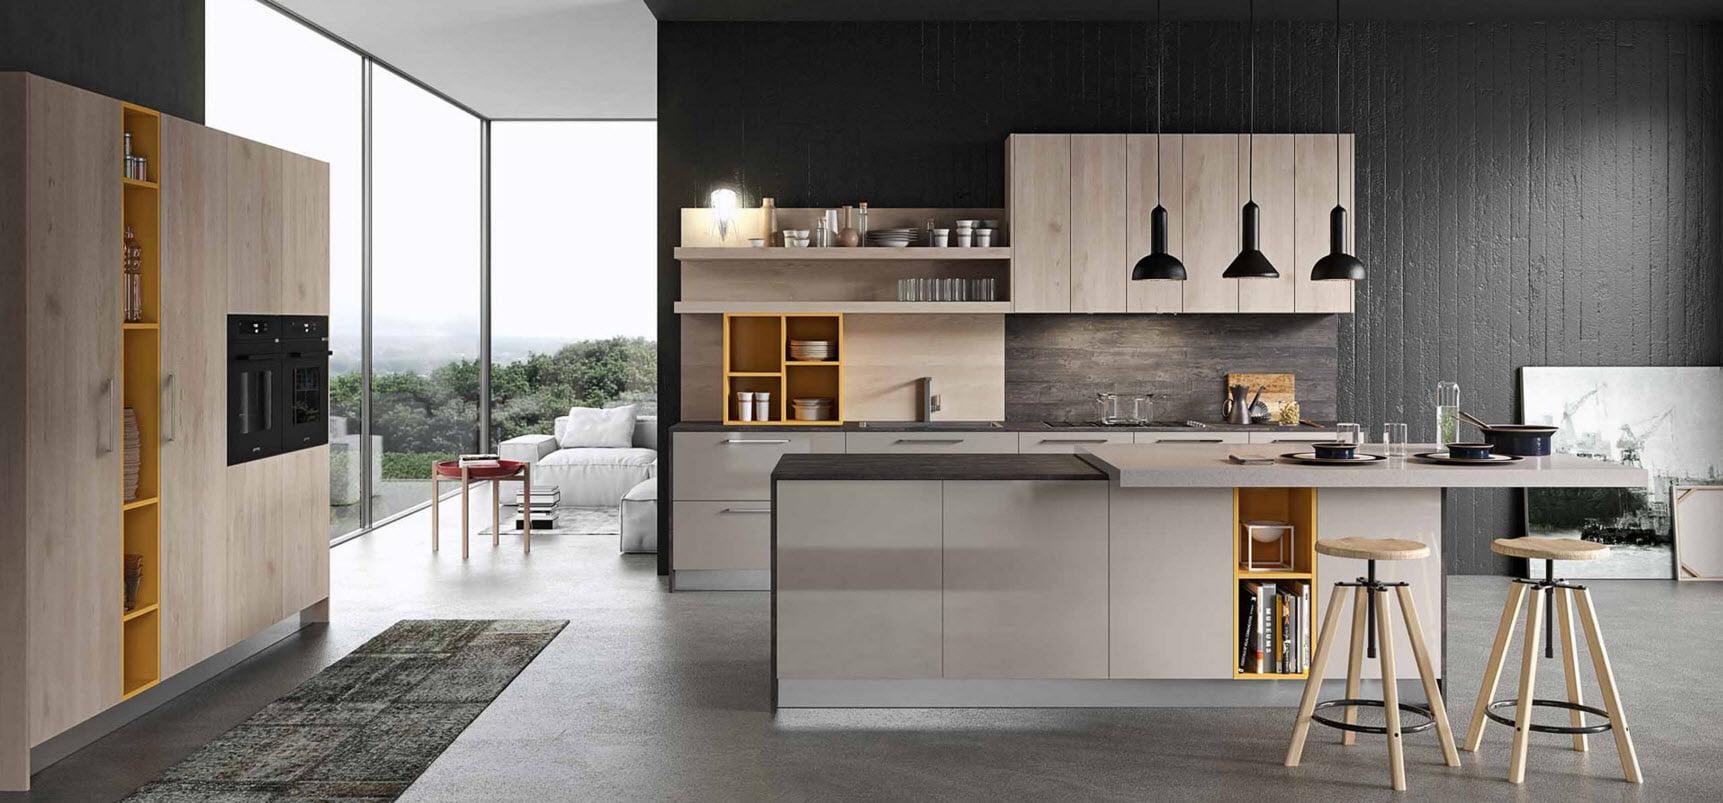 Ideas de cocinas modernas #1   Constructora Paramount